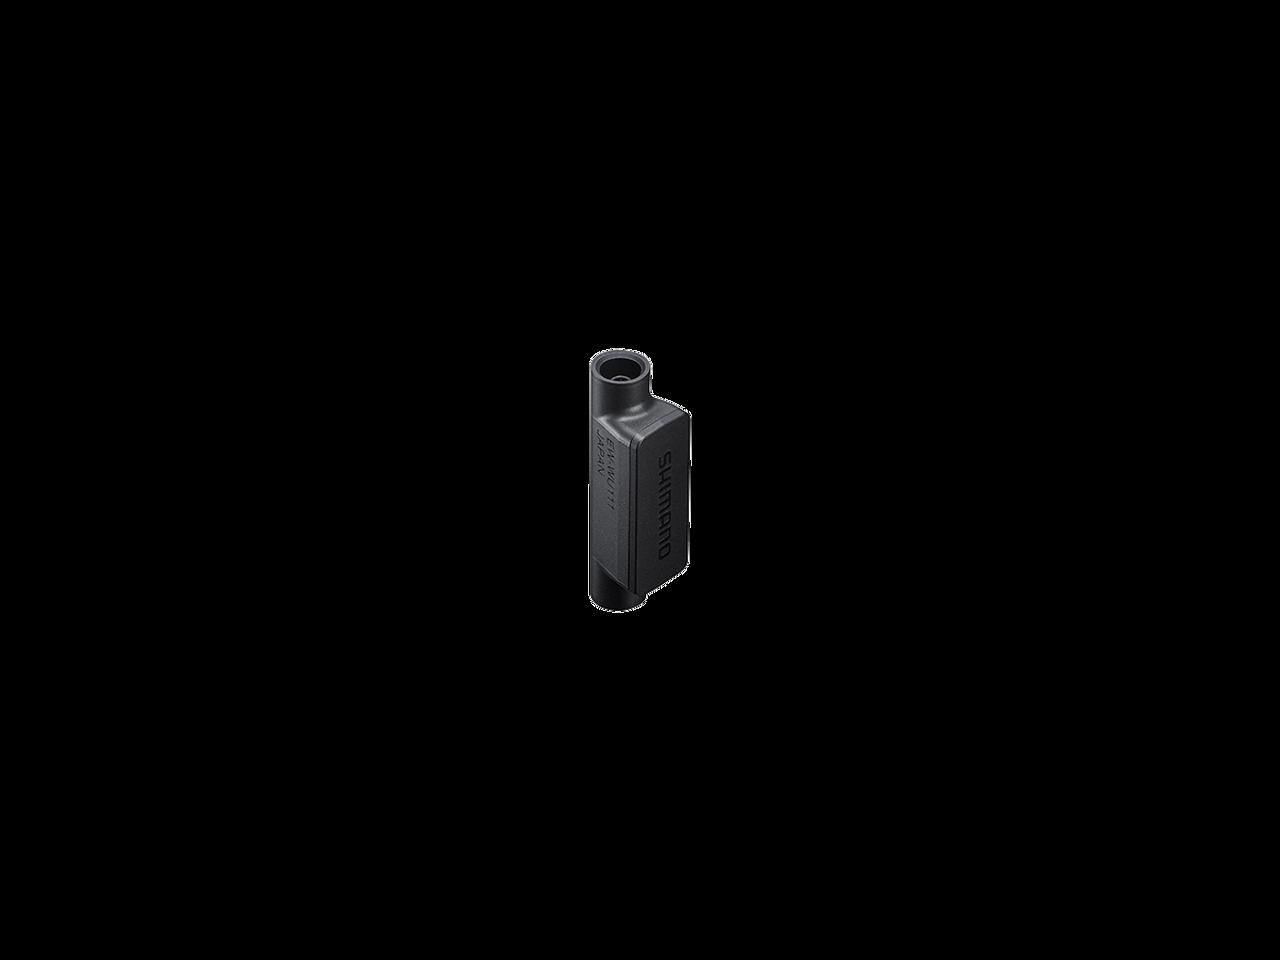 Shimano EW-WU111 Wireless Unit For Di2 System Dura-Ace E-Tube Port x2 Black